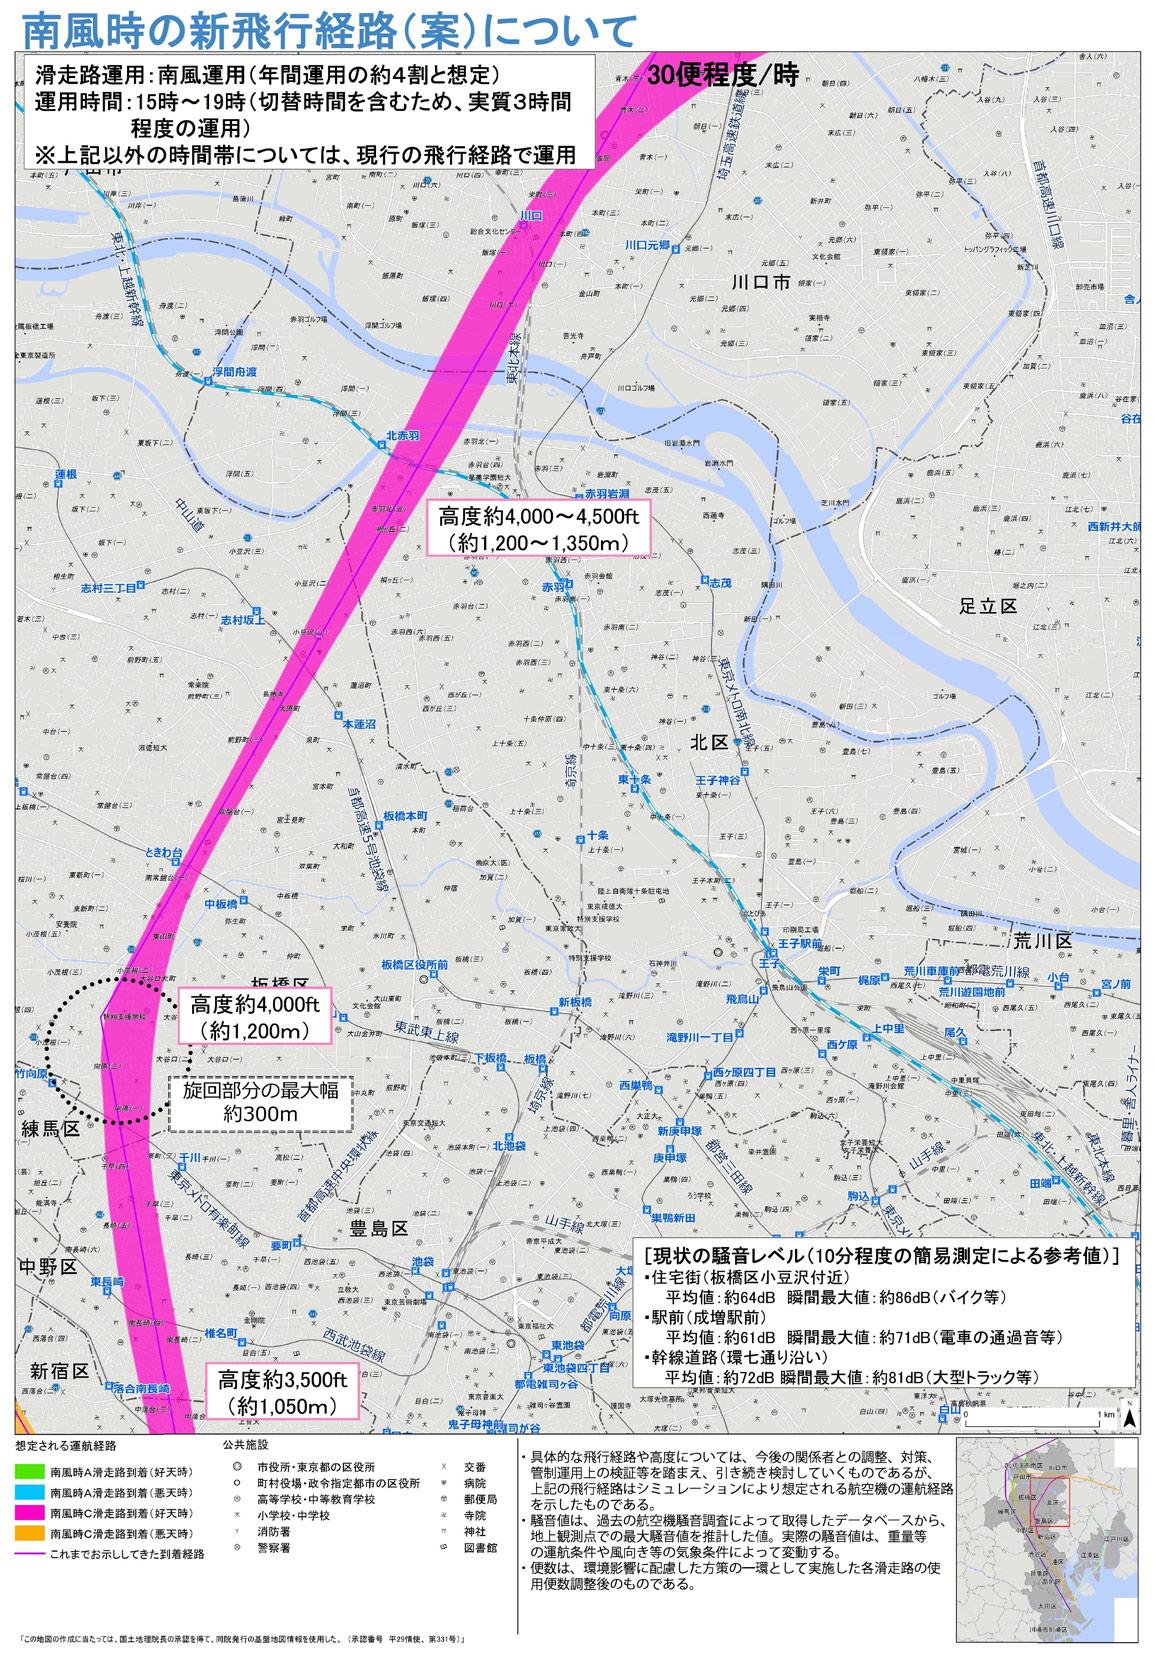 羽田空港機能強化、新飛行経路(案):南風時詳細(小豆沢~常盤台~向原ルート)